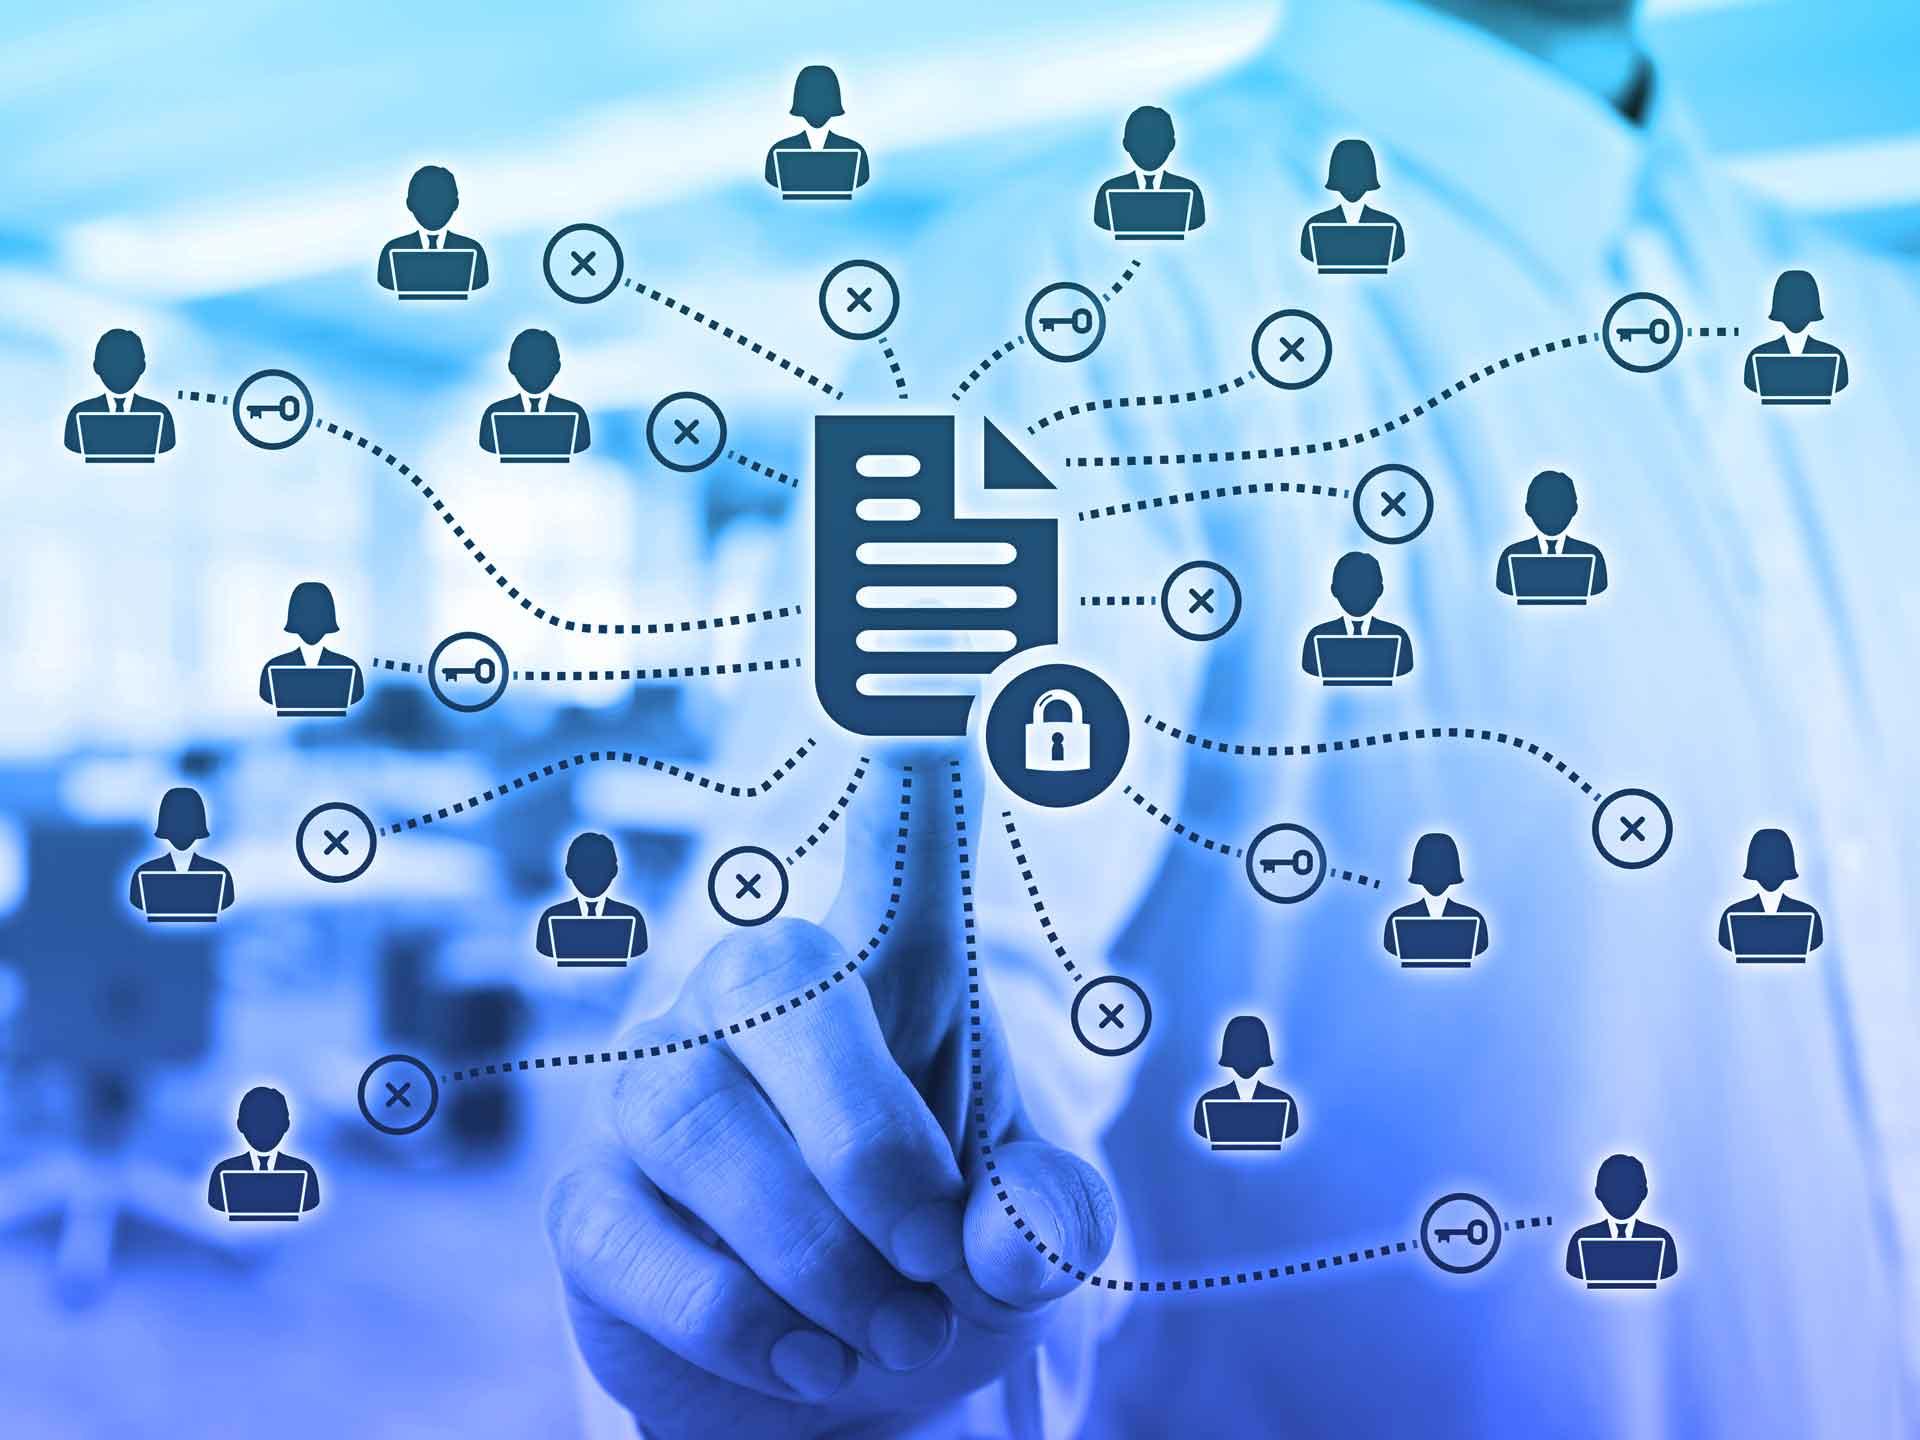 Yammer bietet Ihnen intelligente Sicherheit, Compliance und Kontrolle, damit Ihre Daten geschützt sind.